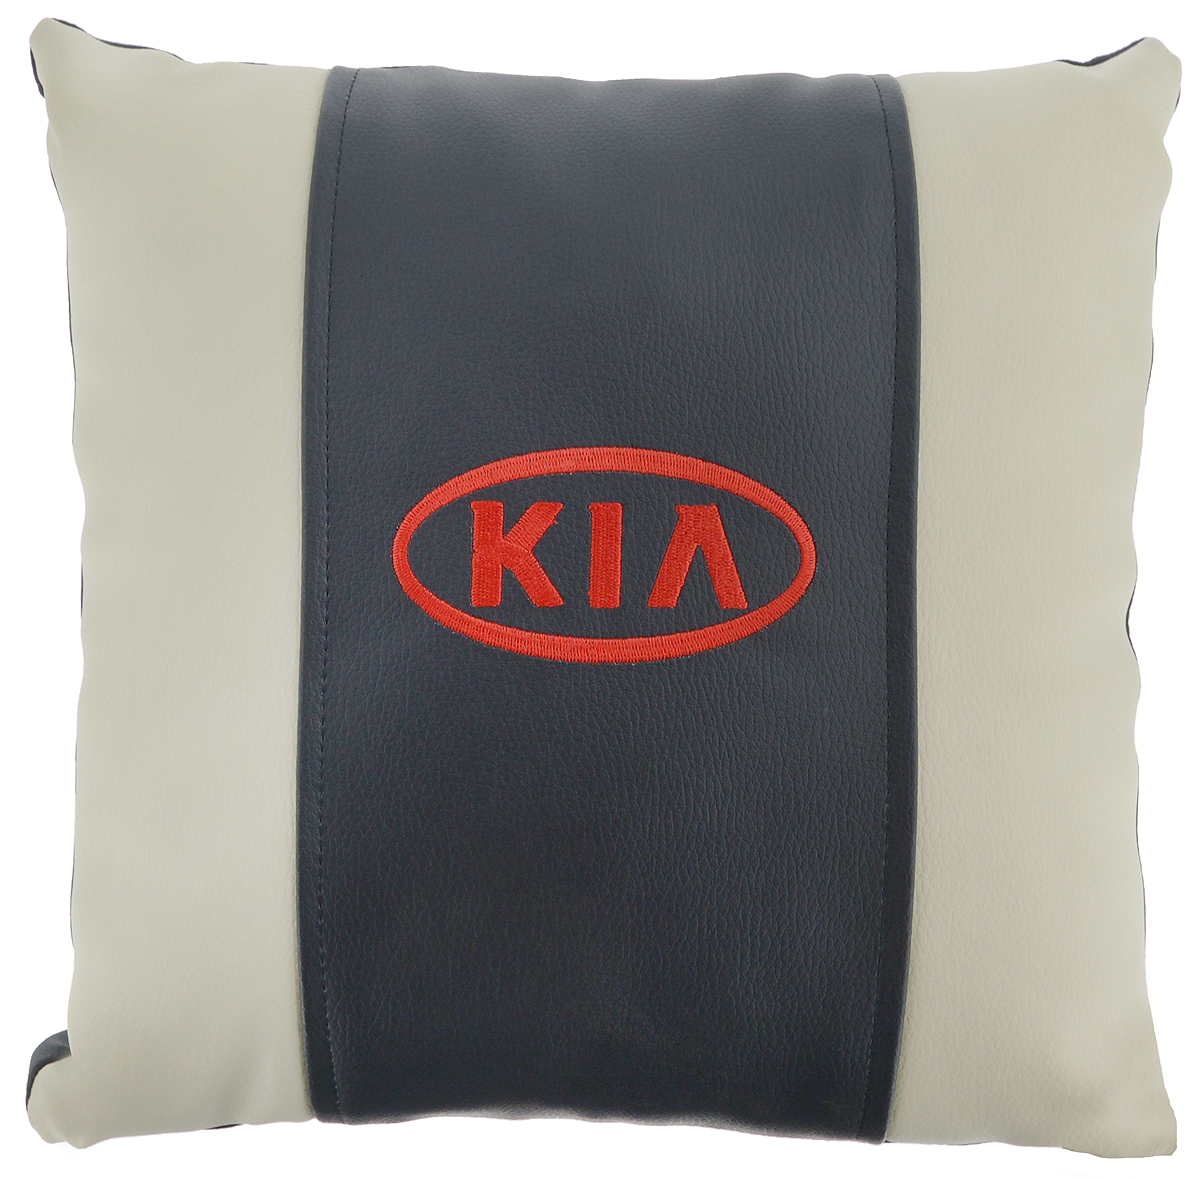 Подушка на сиденье Autoparts Kia, цвет: молочный, темно-серый, 30 х 30 смS03301004Подушка на сиденье Autoparts Kia создана для тех, кто весь свой день вынужден проводить за рулем. Чехол выполнен из высококачественной дышащей экокожи. Задняя часть темно-серого цвета. Наполнителем служит холлофайбер. На задней части подушки имеется змейка.Особенности подушки:- Хорошо проветривается.- Предупреждает потение.- Поддерживает комфортную температуру.- Обминается по форме тела.- Улучшает кровообращение.- Исключает затечные явления.- Предупреждает развитие заболеваний, связанных с сидячим образом жизни. Подушка также будет полезна и дома - при работе за компьютером, школьникам - при выполнении домашних работ, да и в любимом кресле перед телевизором.